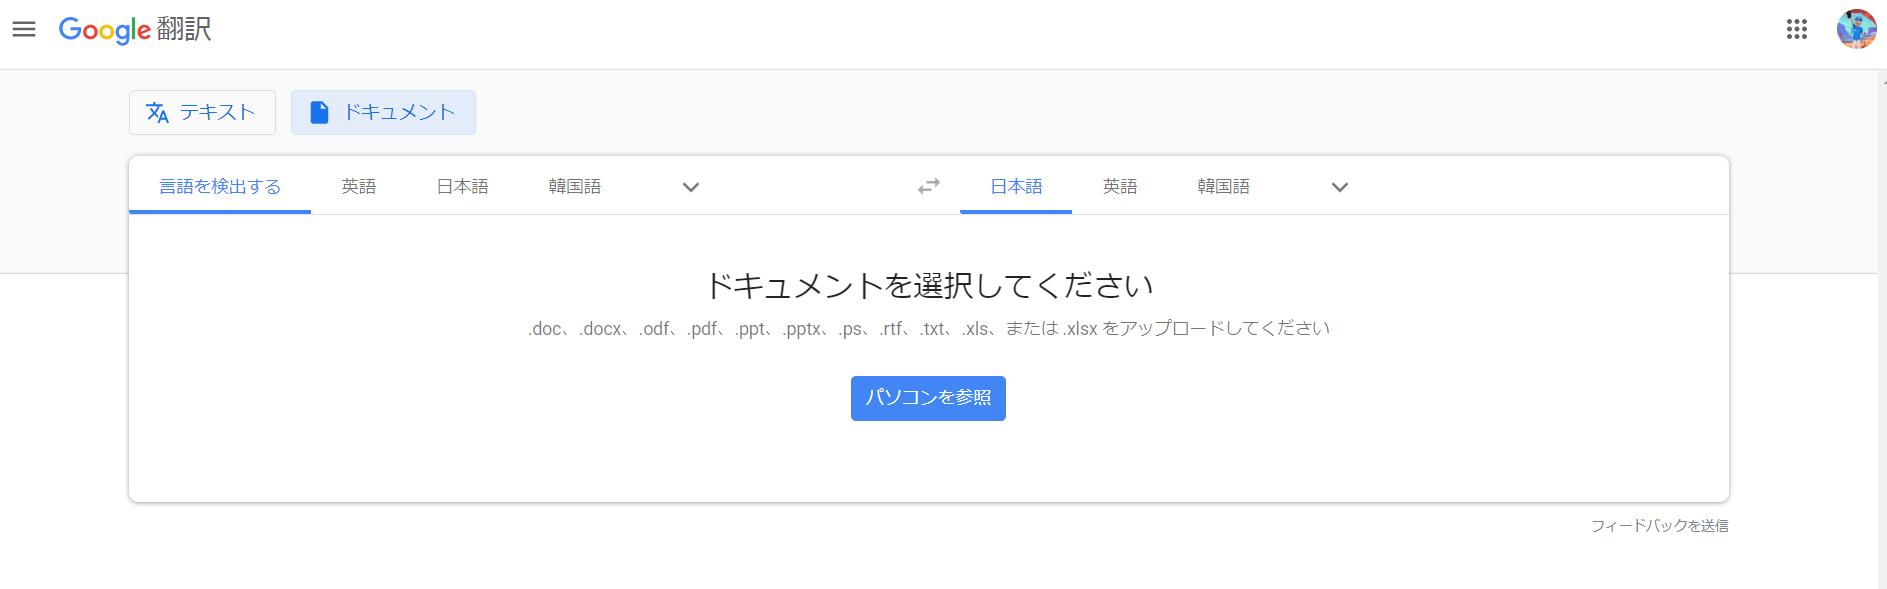 から 日本 語 翻訳 英語